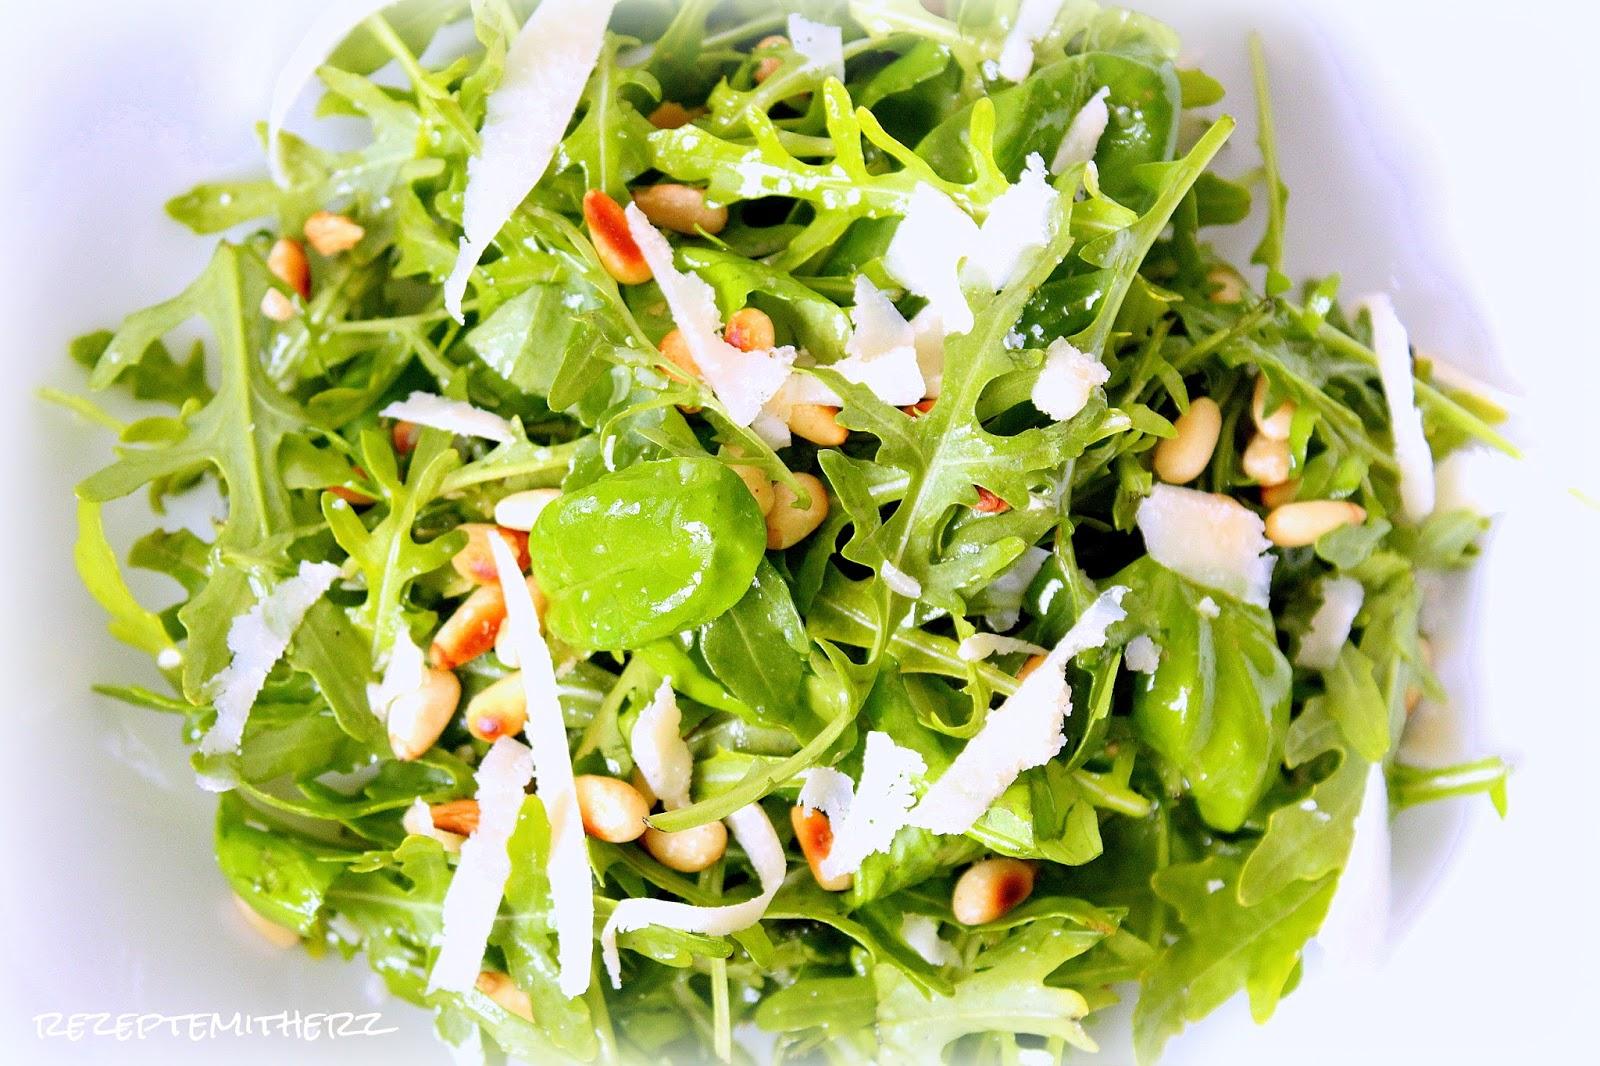 rezepte mit herz rucola basilikum salat mit pinienkernen und parmesan. Black Bedroom Furniture Sets. Home Design Ideas